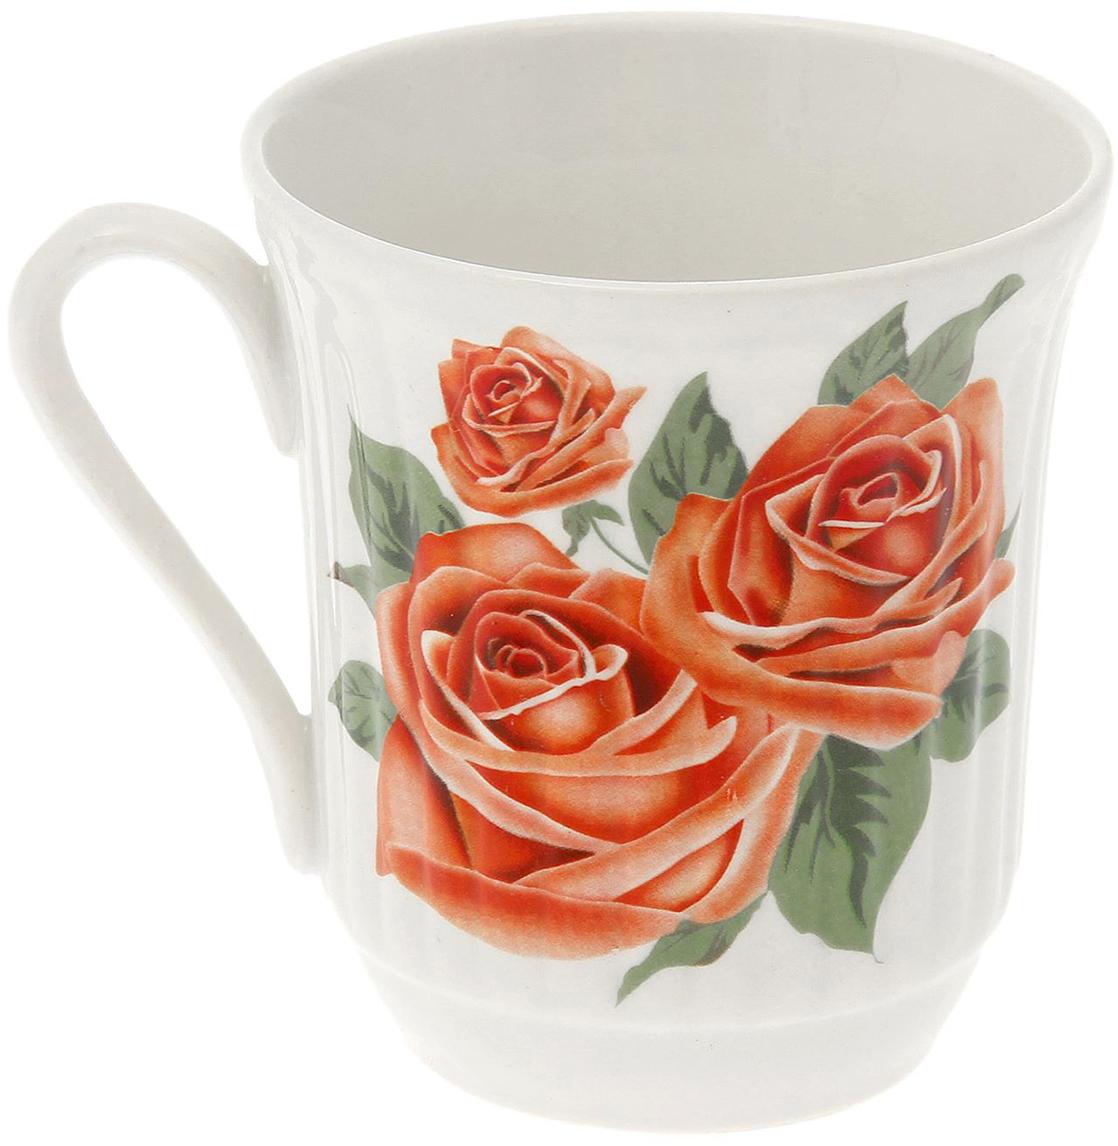 Кружка Керамика ручной работы Агата. Розы, 250 мл1528569Данная кружка выполнена из керамики. Изделие выдержит высокую и низкую температуру, надолго сохранит чай горячим, а остуженные напитки холодными. емкость не выделяет вредных веществ при сильном нагреве. Кружка долго сохраняет первоначальный внешний вид и подходит как для мытья вручную, так и в посудоечной машине. Интересное оформление украшает изделие и выделяет среди прочих. Окружайте себя красивыми вещами: такая чашка поднимет вам настроение даже в ненастный день!